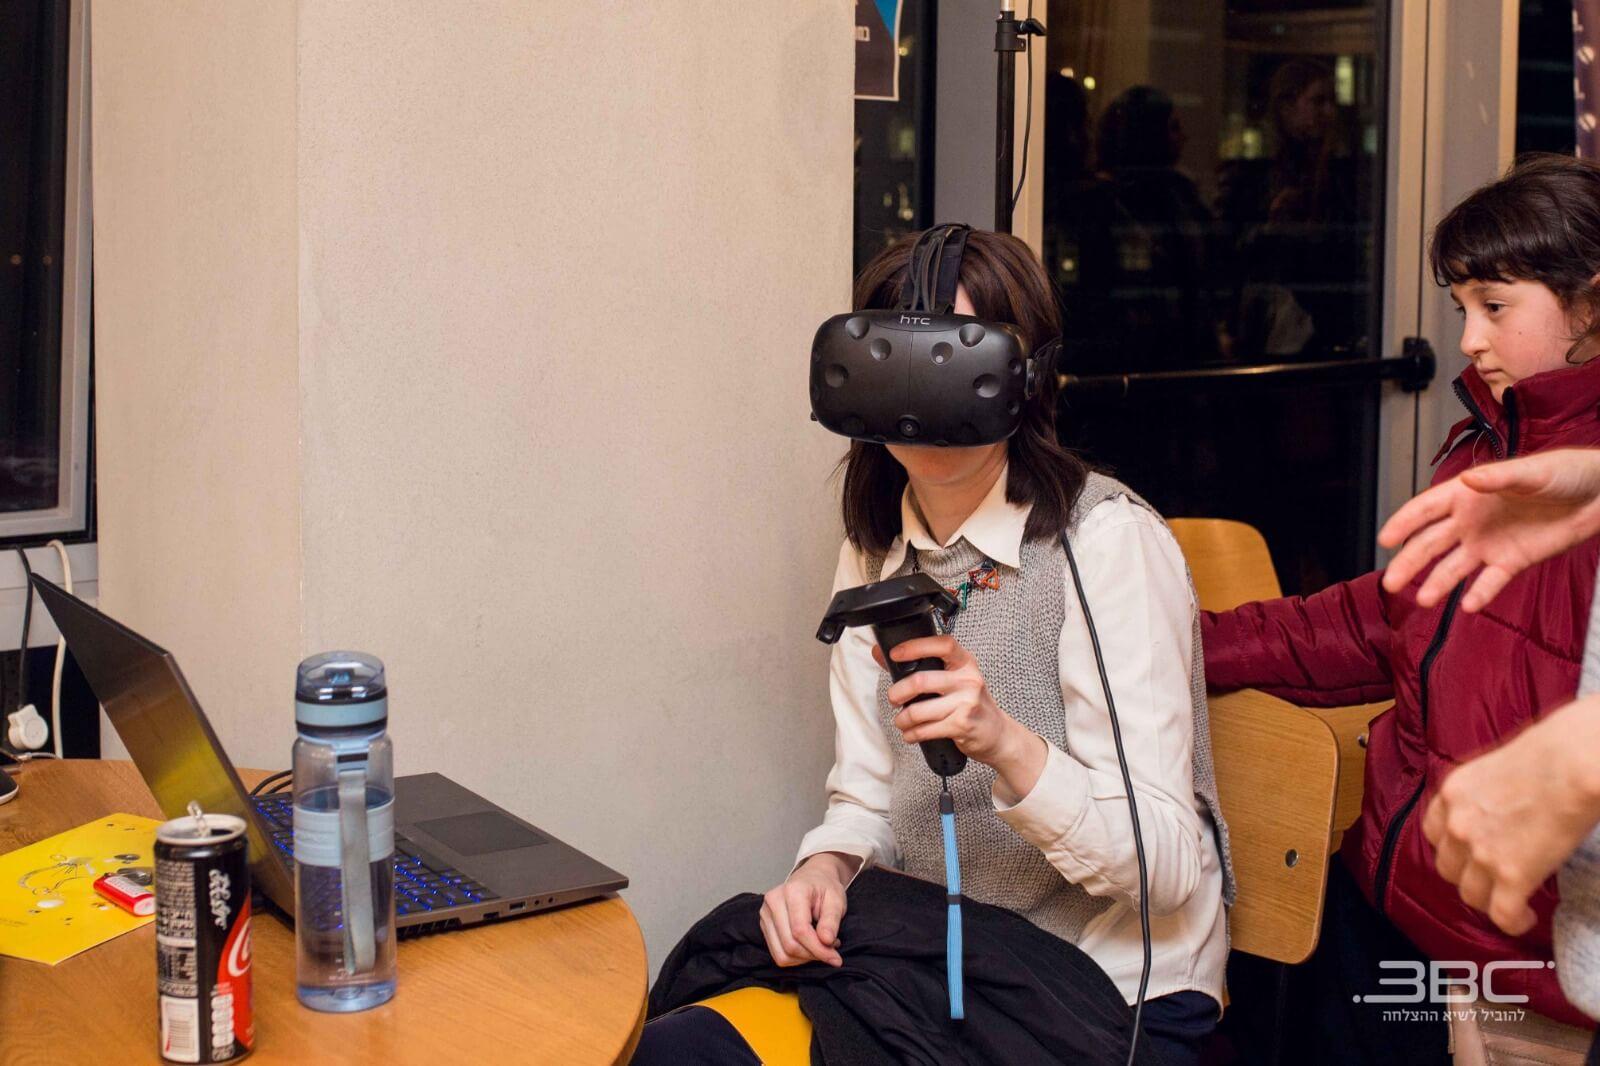 חדש ובלעדי: קורס לפיתוח ועיצוב מציאות מדומה ומציאות רבודה 6